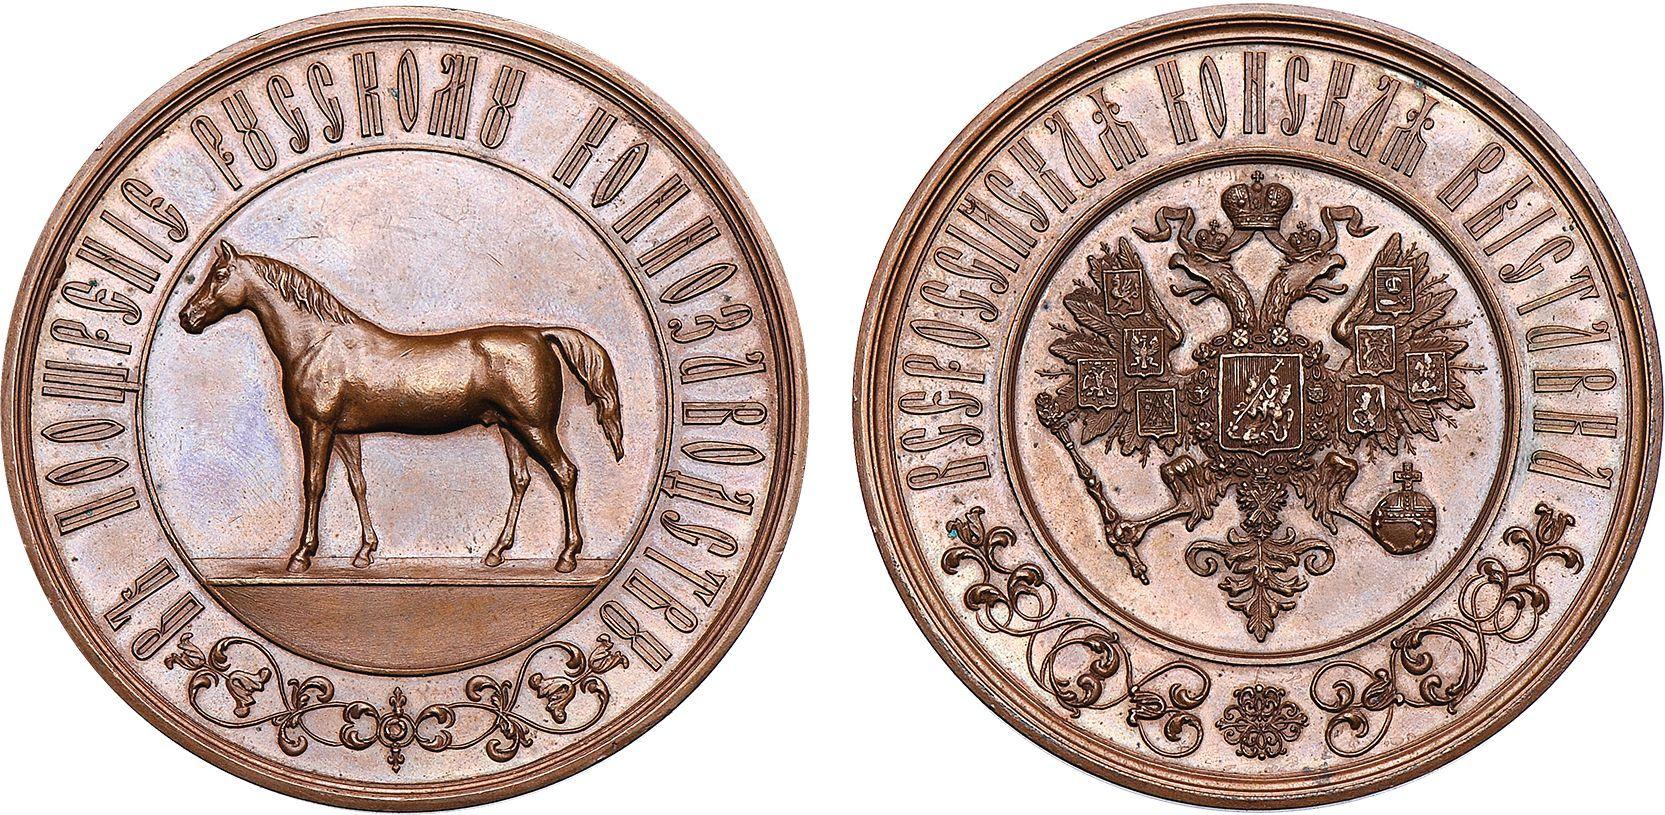 Наградная медаль Всероссийской конской выставки «В поощрение русскому коннозаводству»